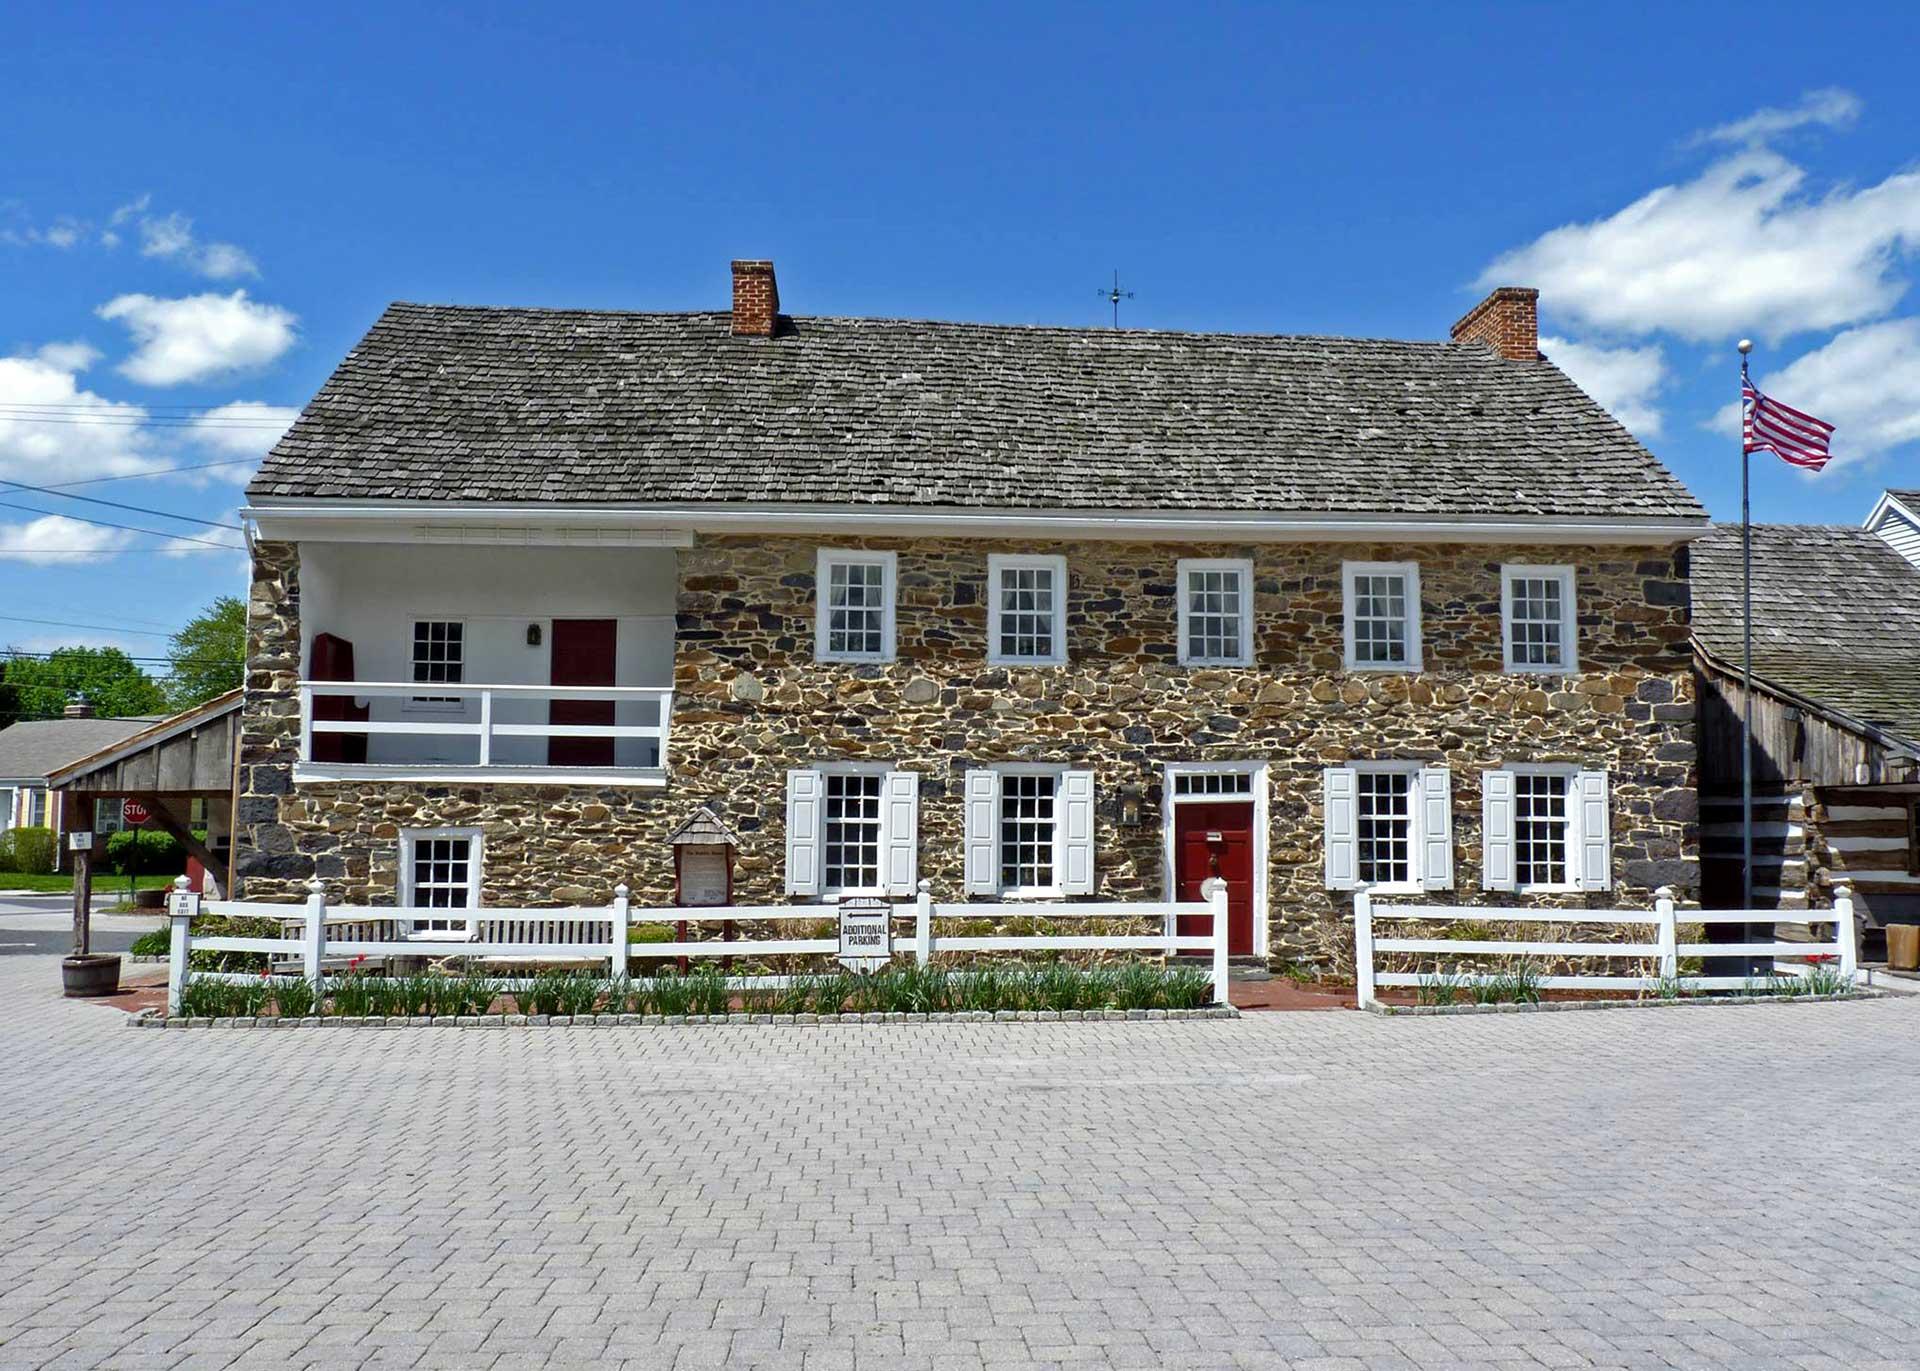 Dobbin-house-from-destination-gettysburg.jpg